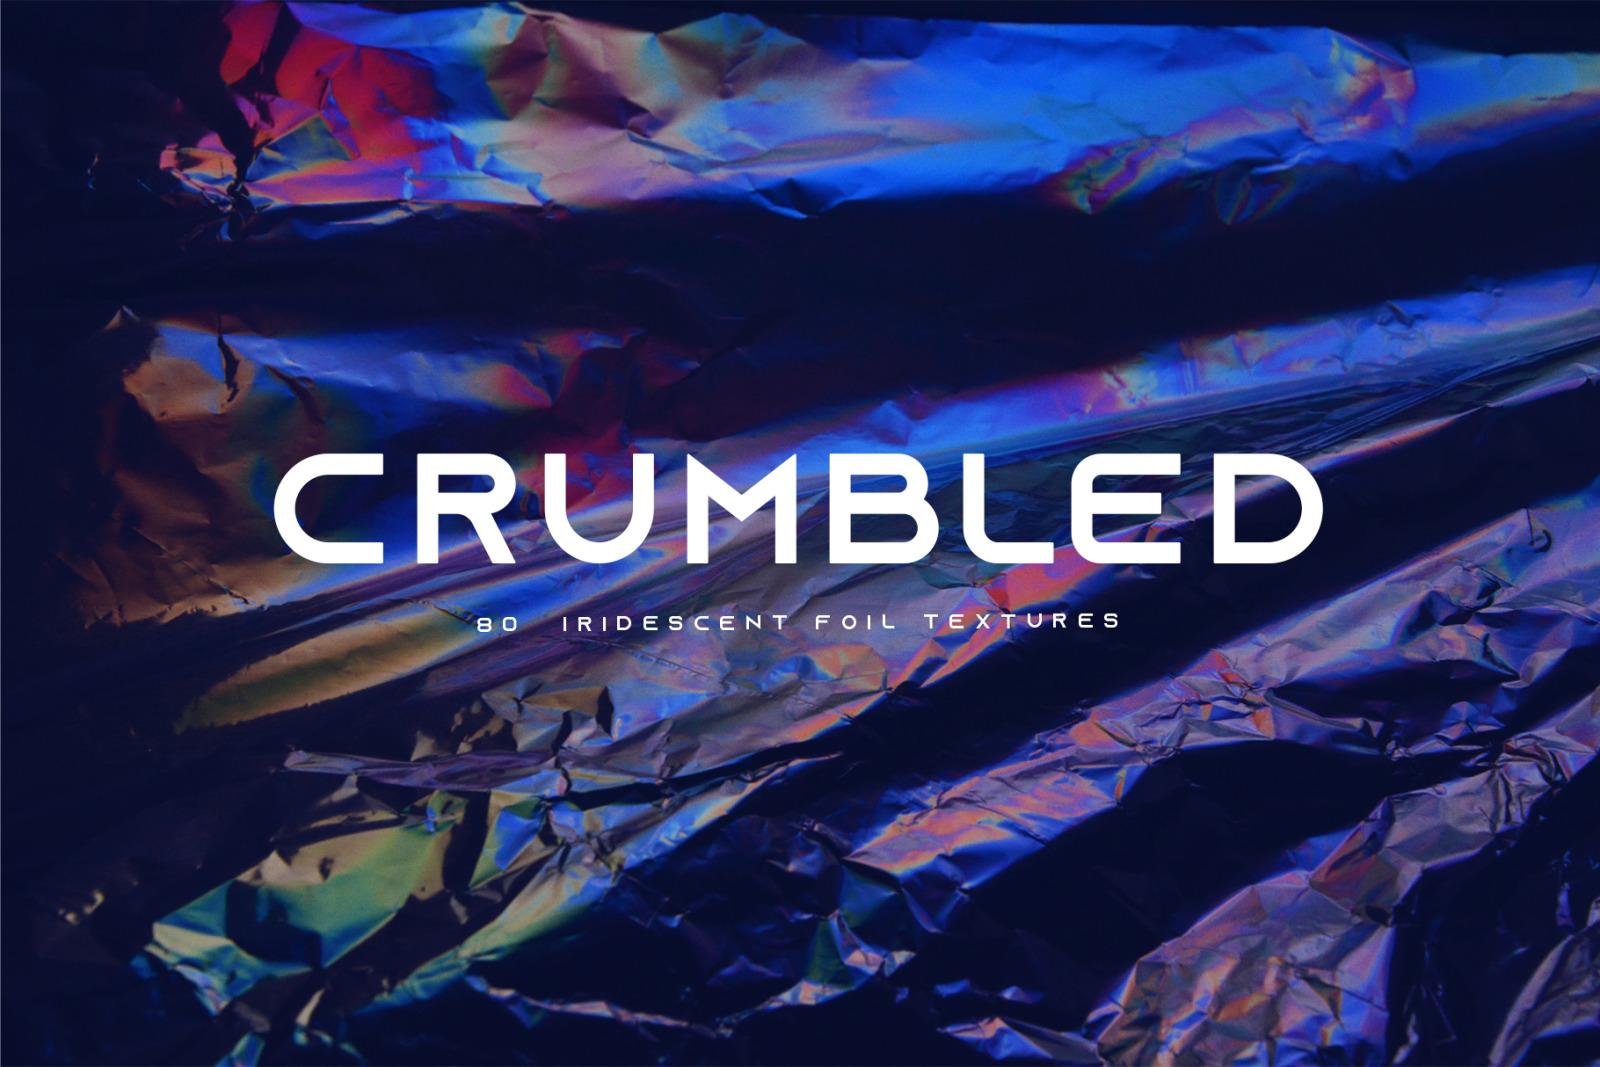 CRUMBLED - 80 FOIL TEXTURES